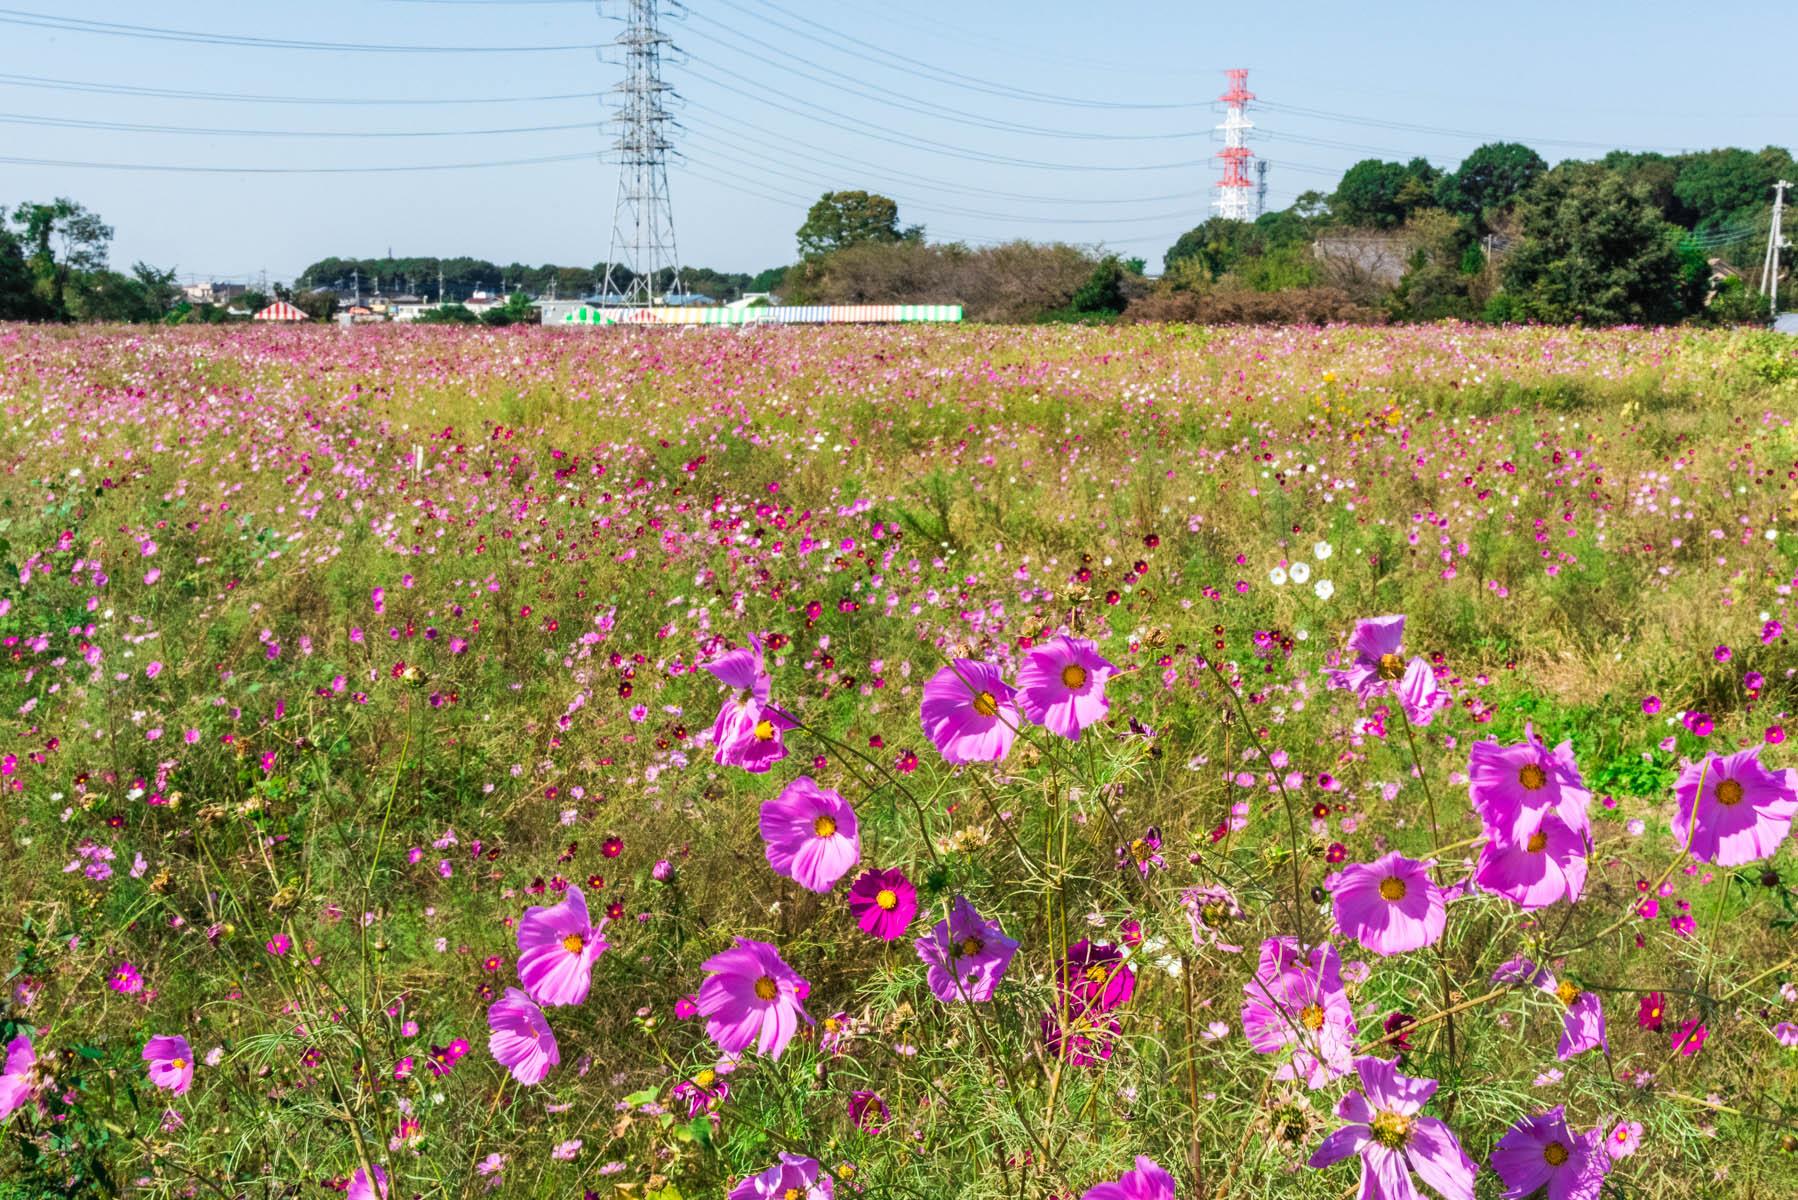 コスモス畑 岩槻区南下新井の遊休地